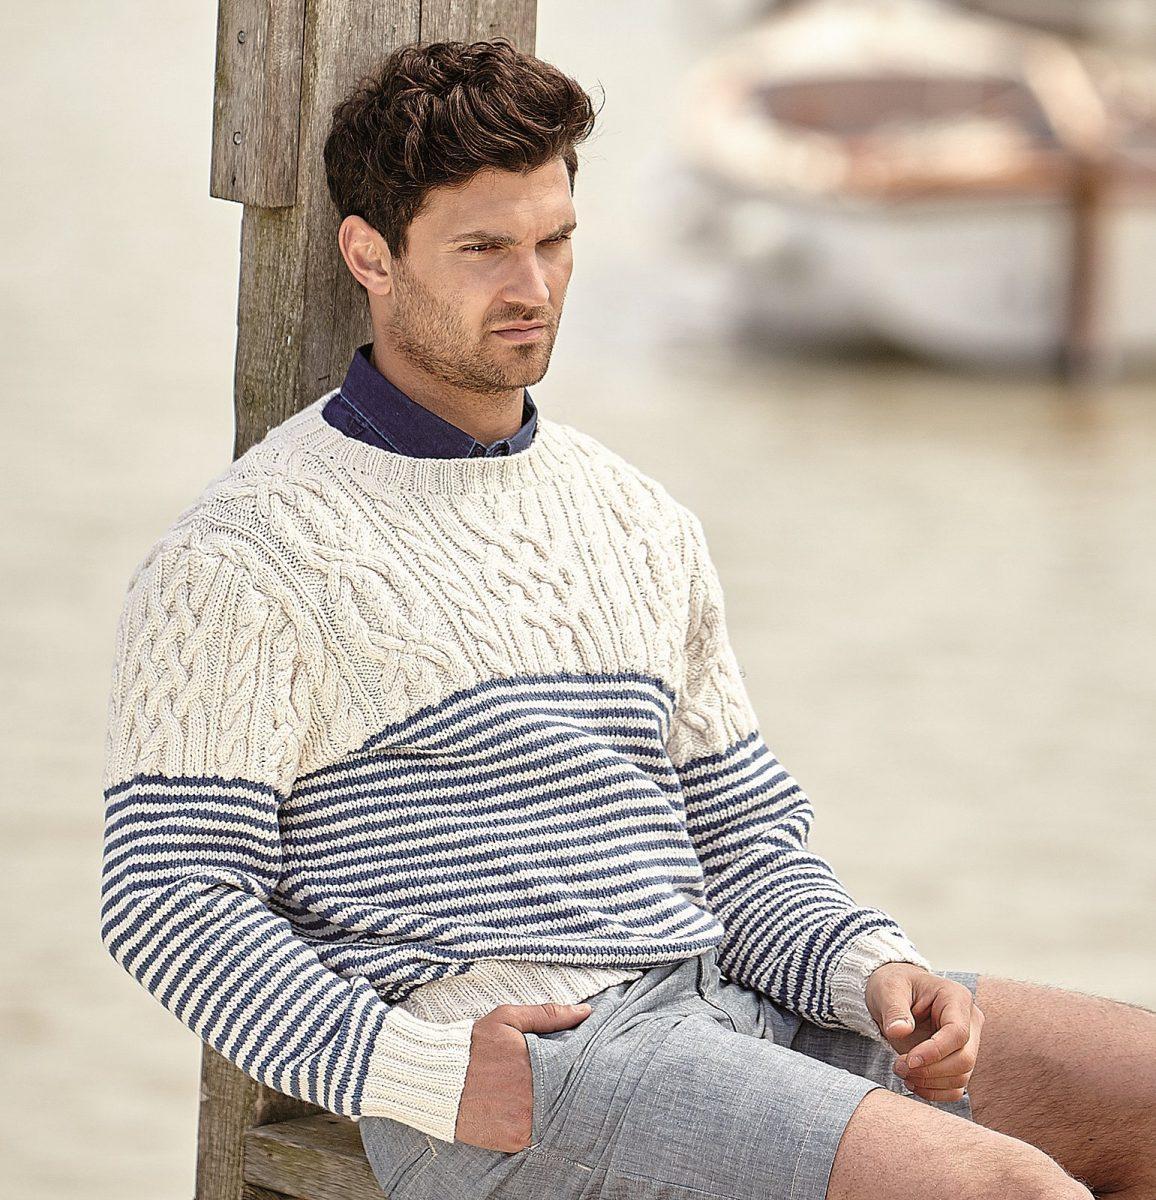 Как связать мужской свитер спицами: идеи дизайна, инструкция по вязанию своими руками, шаблоны для начинающих